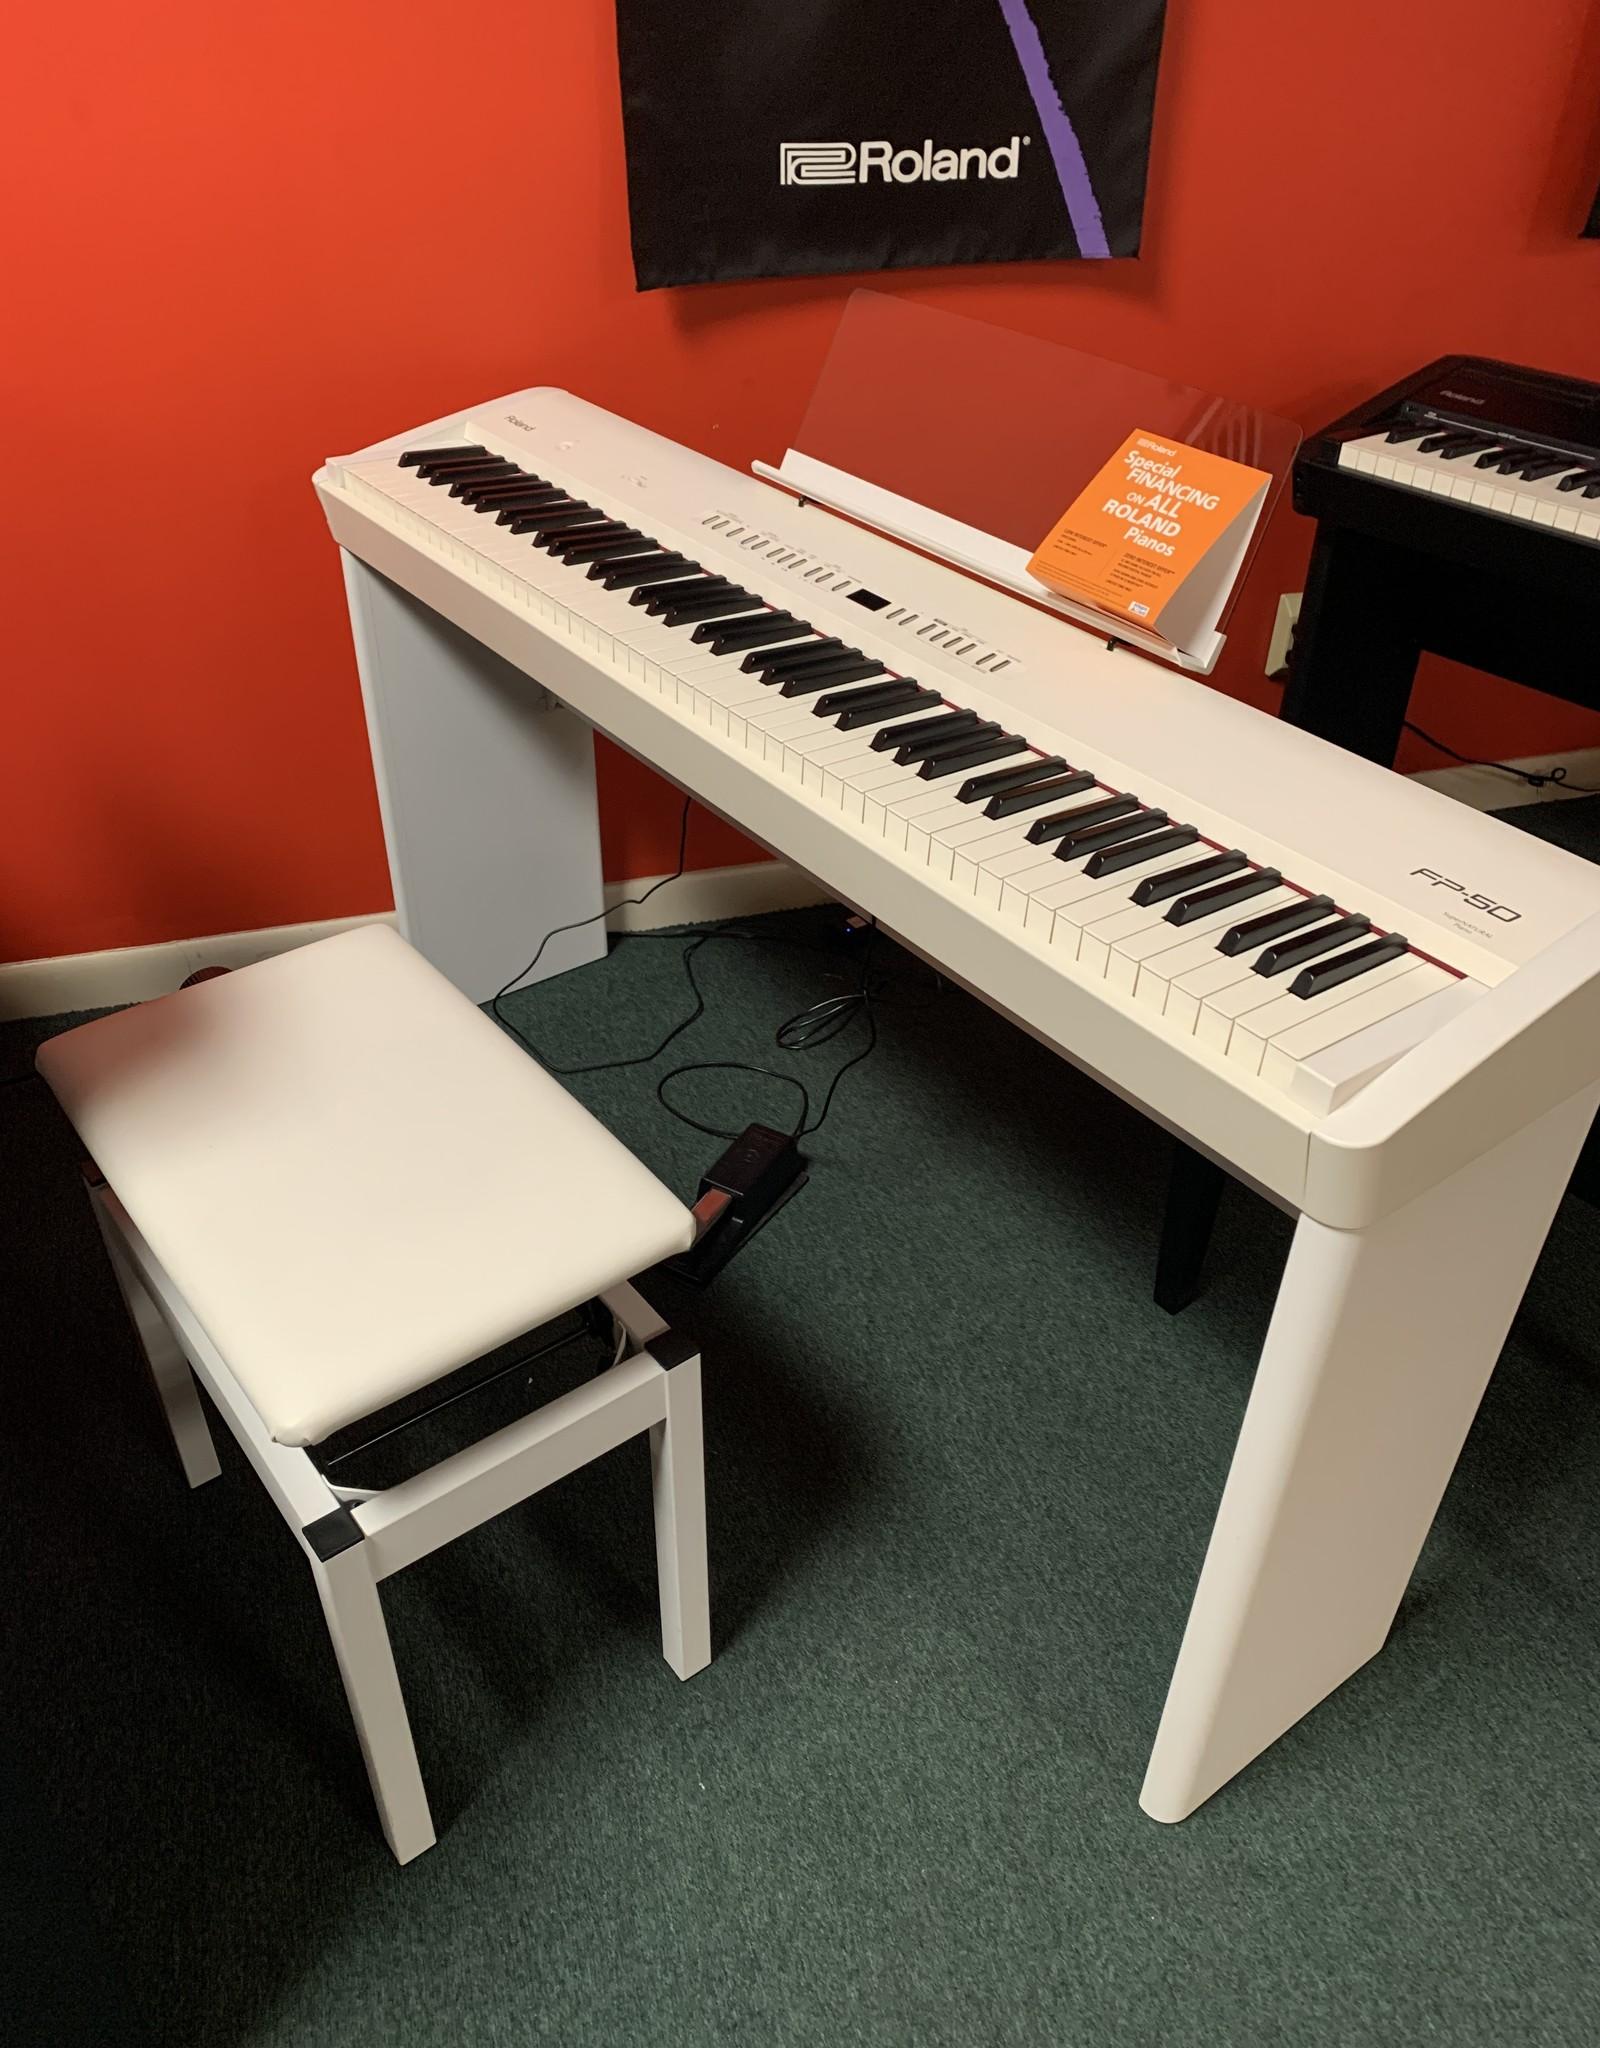 Roland Roland FP-50 Digital Piano (White)